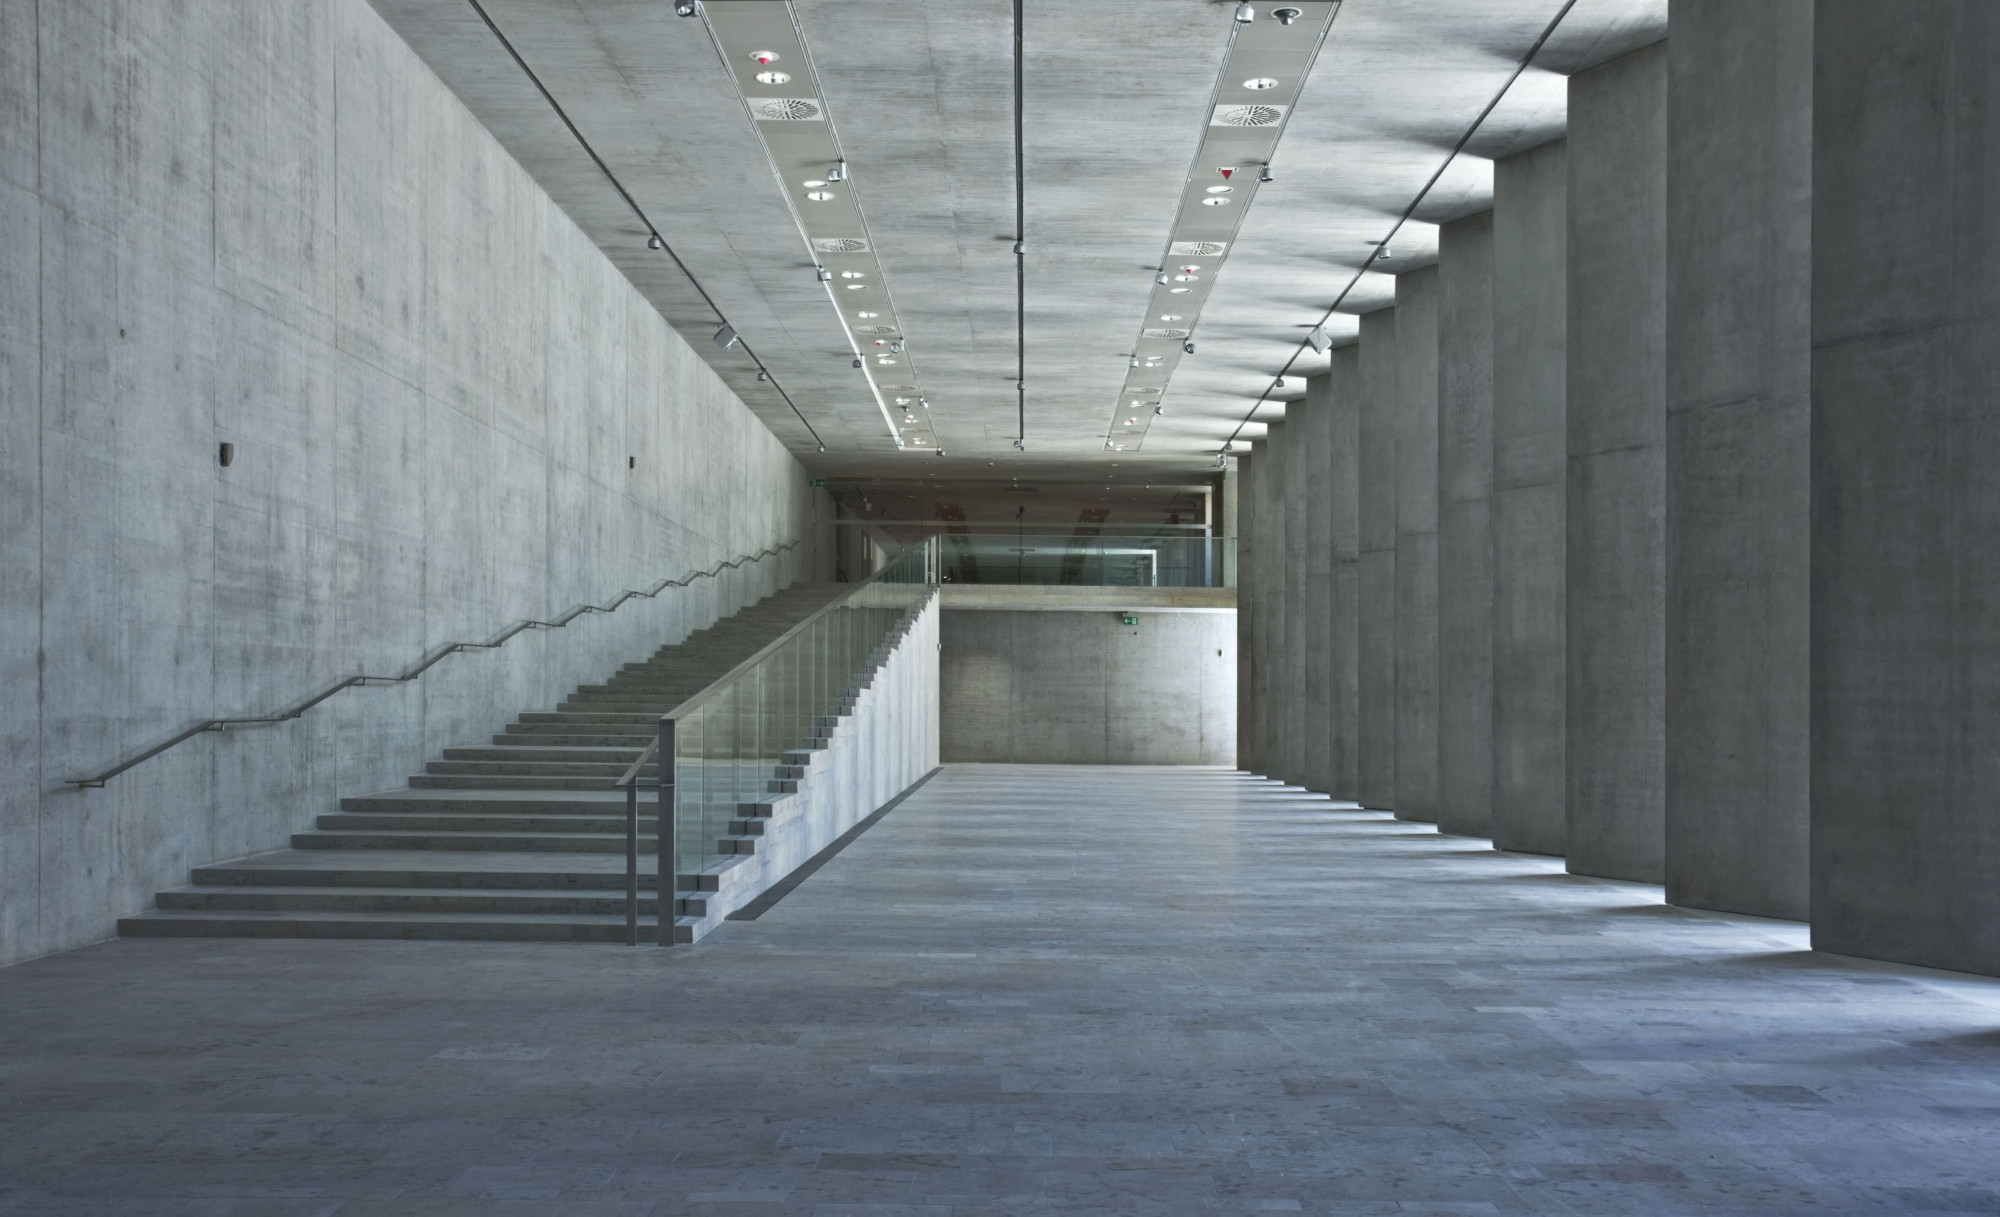 Gyptisches museum und filmhochschule in m nchen beton for Architektur 4 1